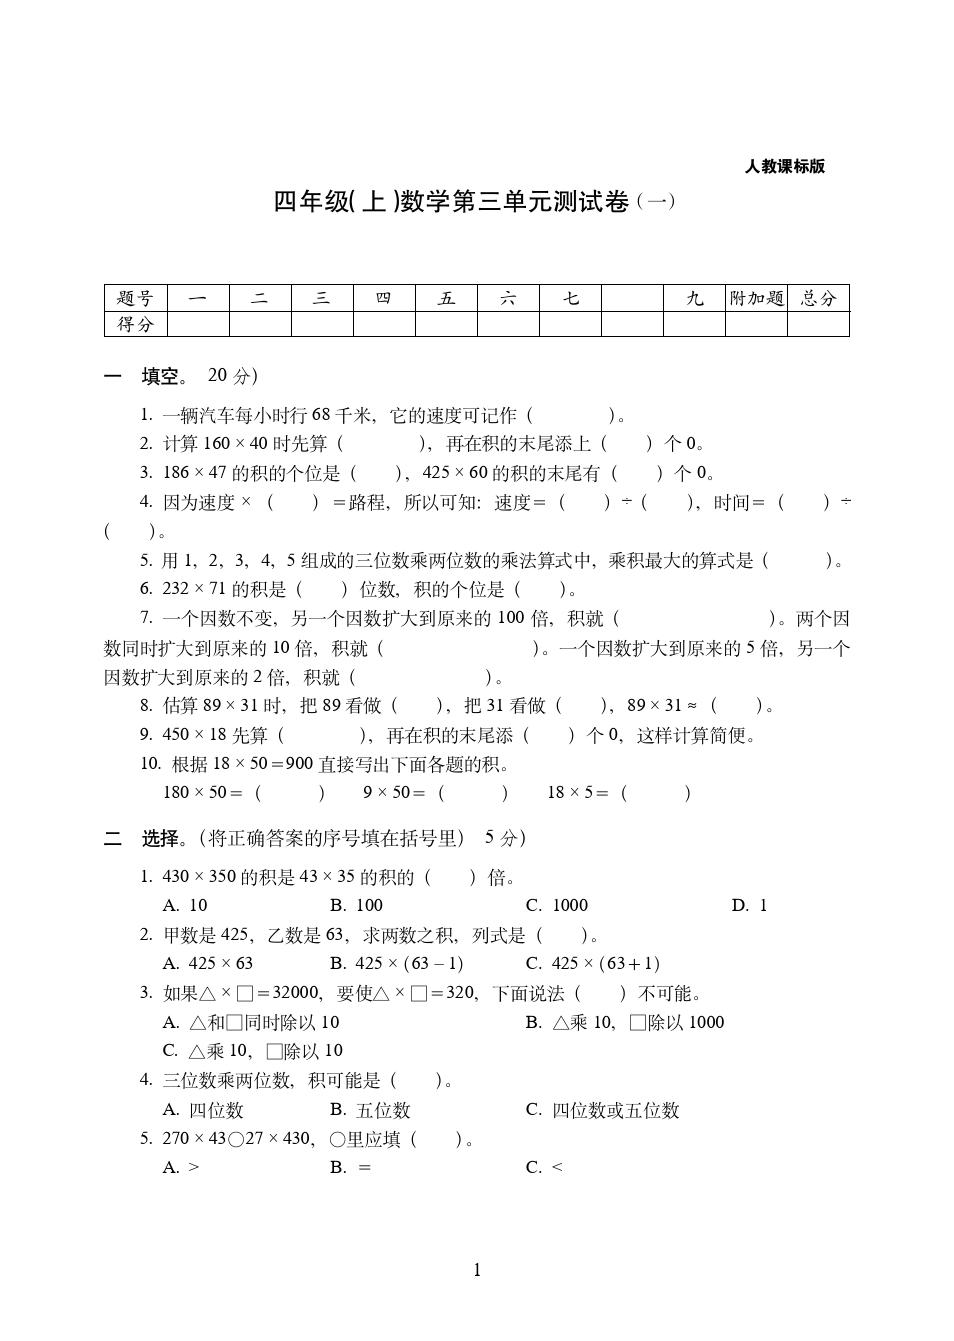 【人教版】四年级上册数学第三单元测试卷(一)附答案